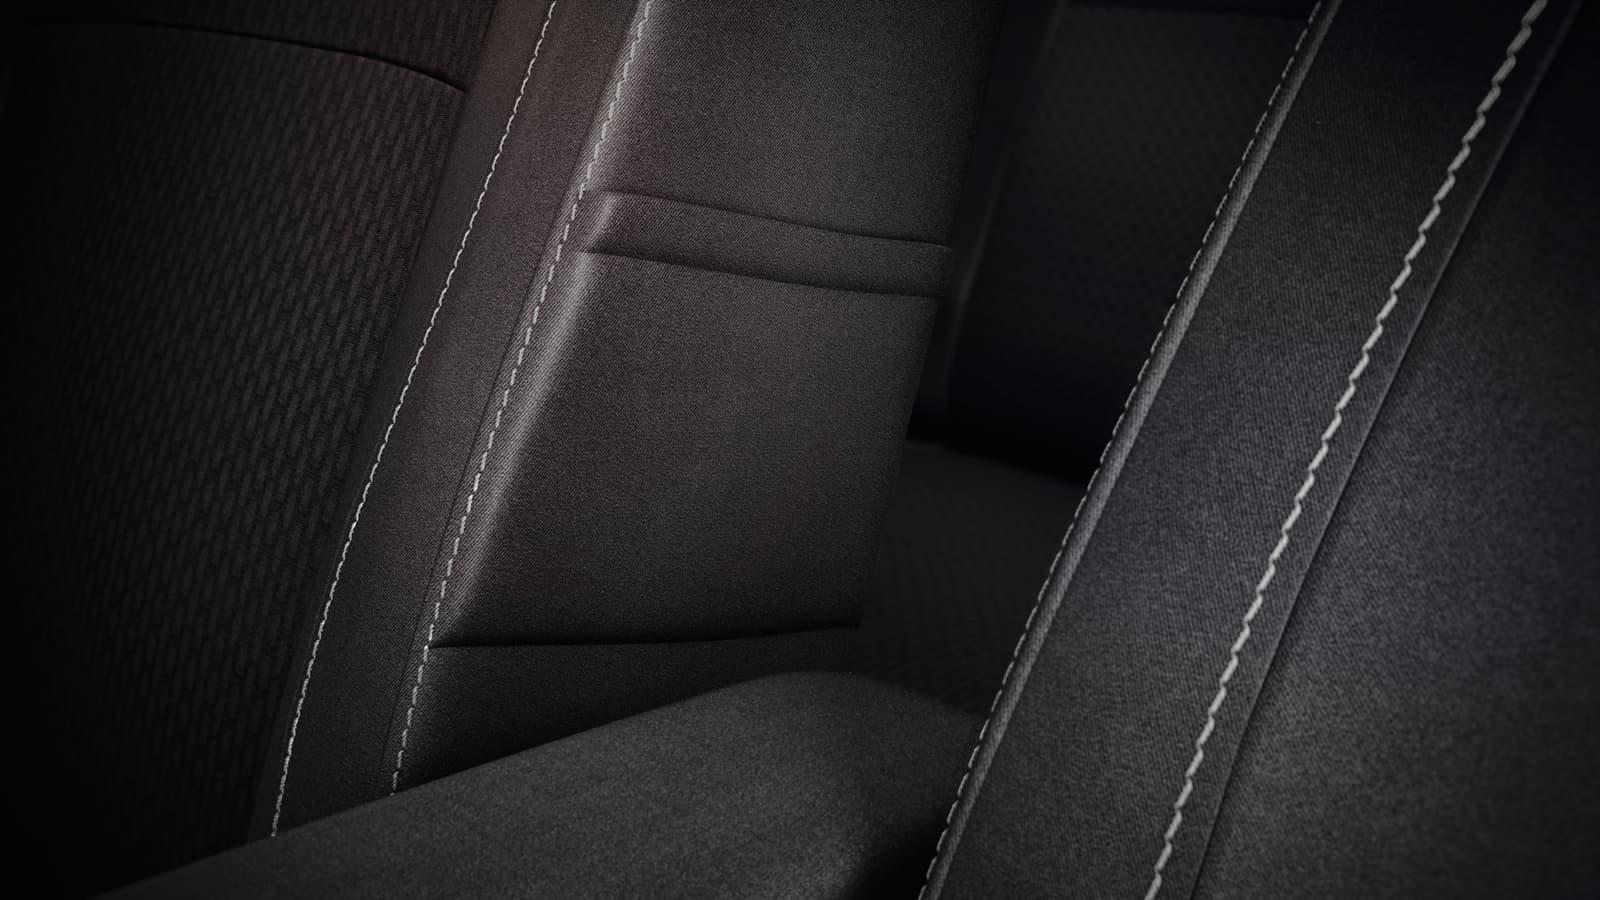 Dacia Sandero 0119 Ficha 062